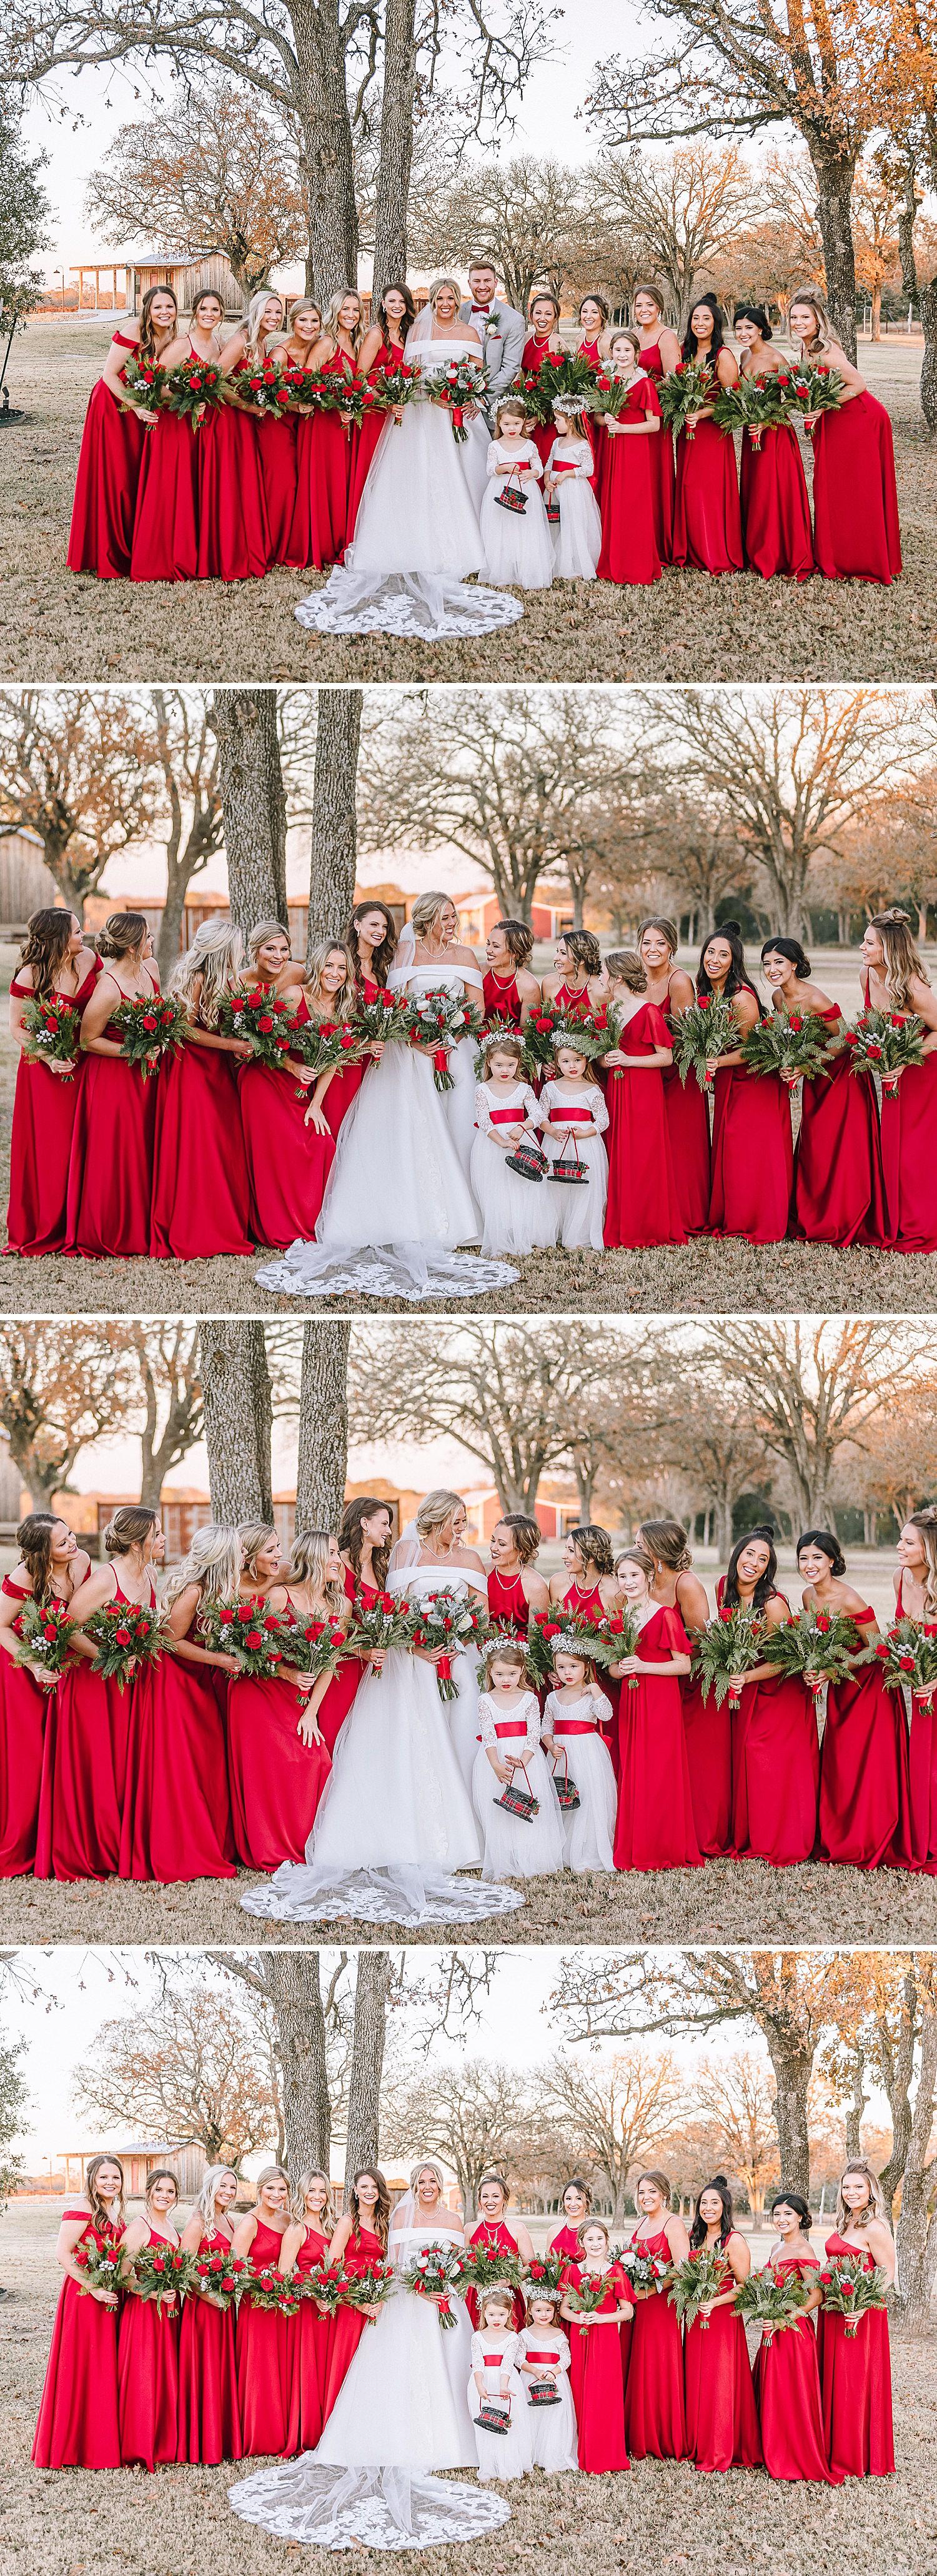 College-Station-Aggie-Wedding-The-Weinberg-at-Wixon-Valley-Christmas-Hallmark-Wedding_0037.jpg